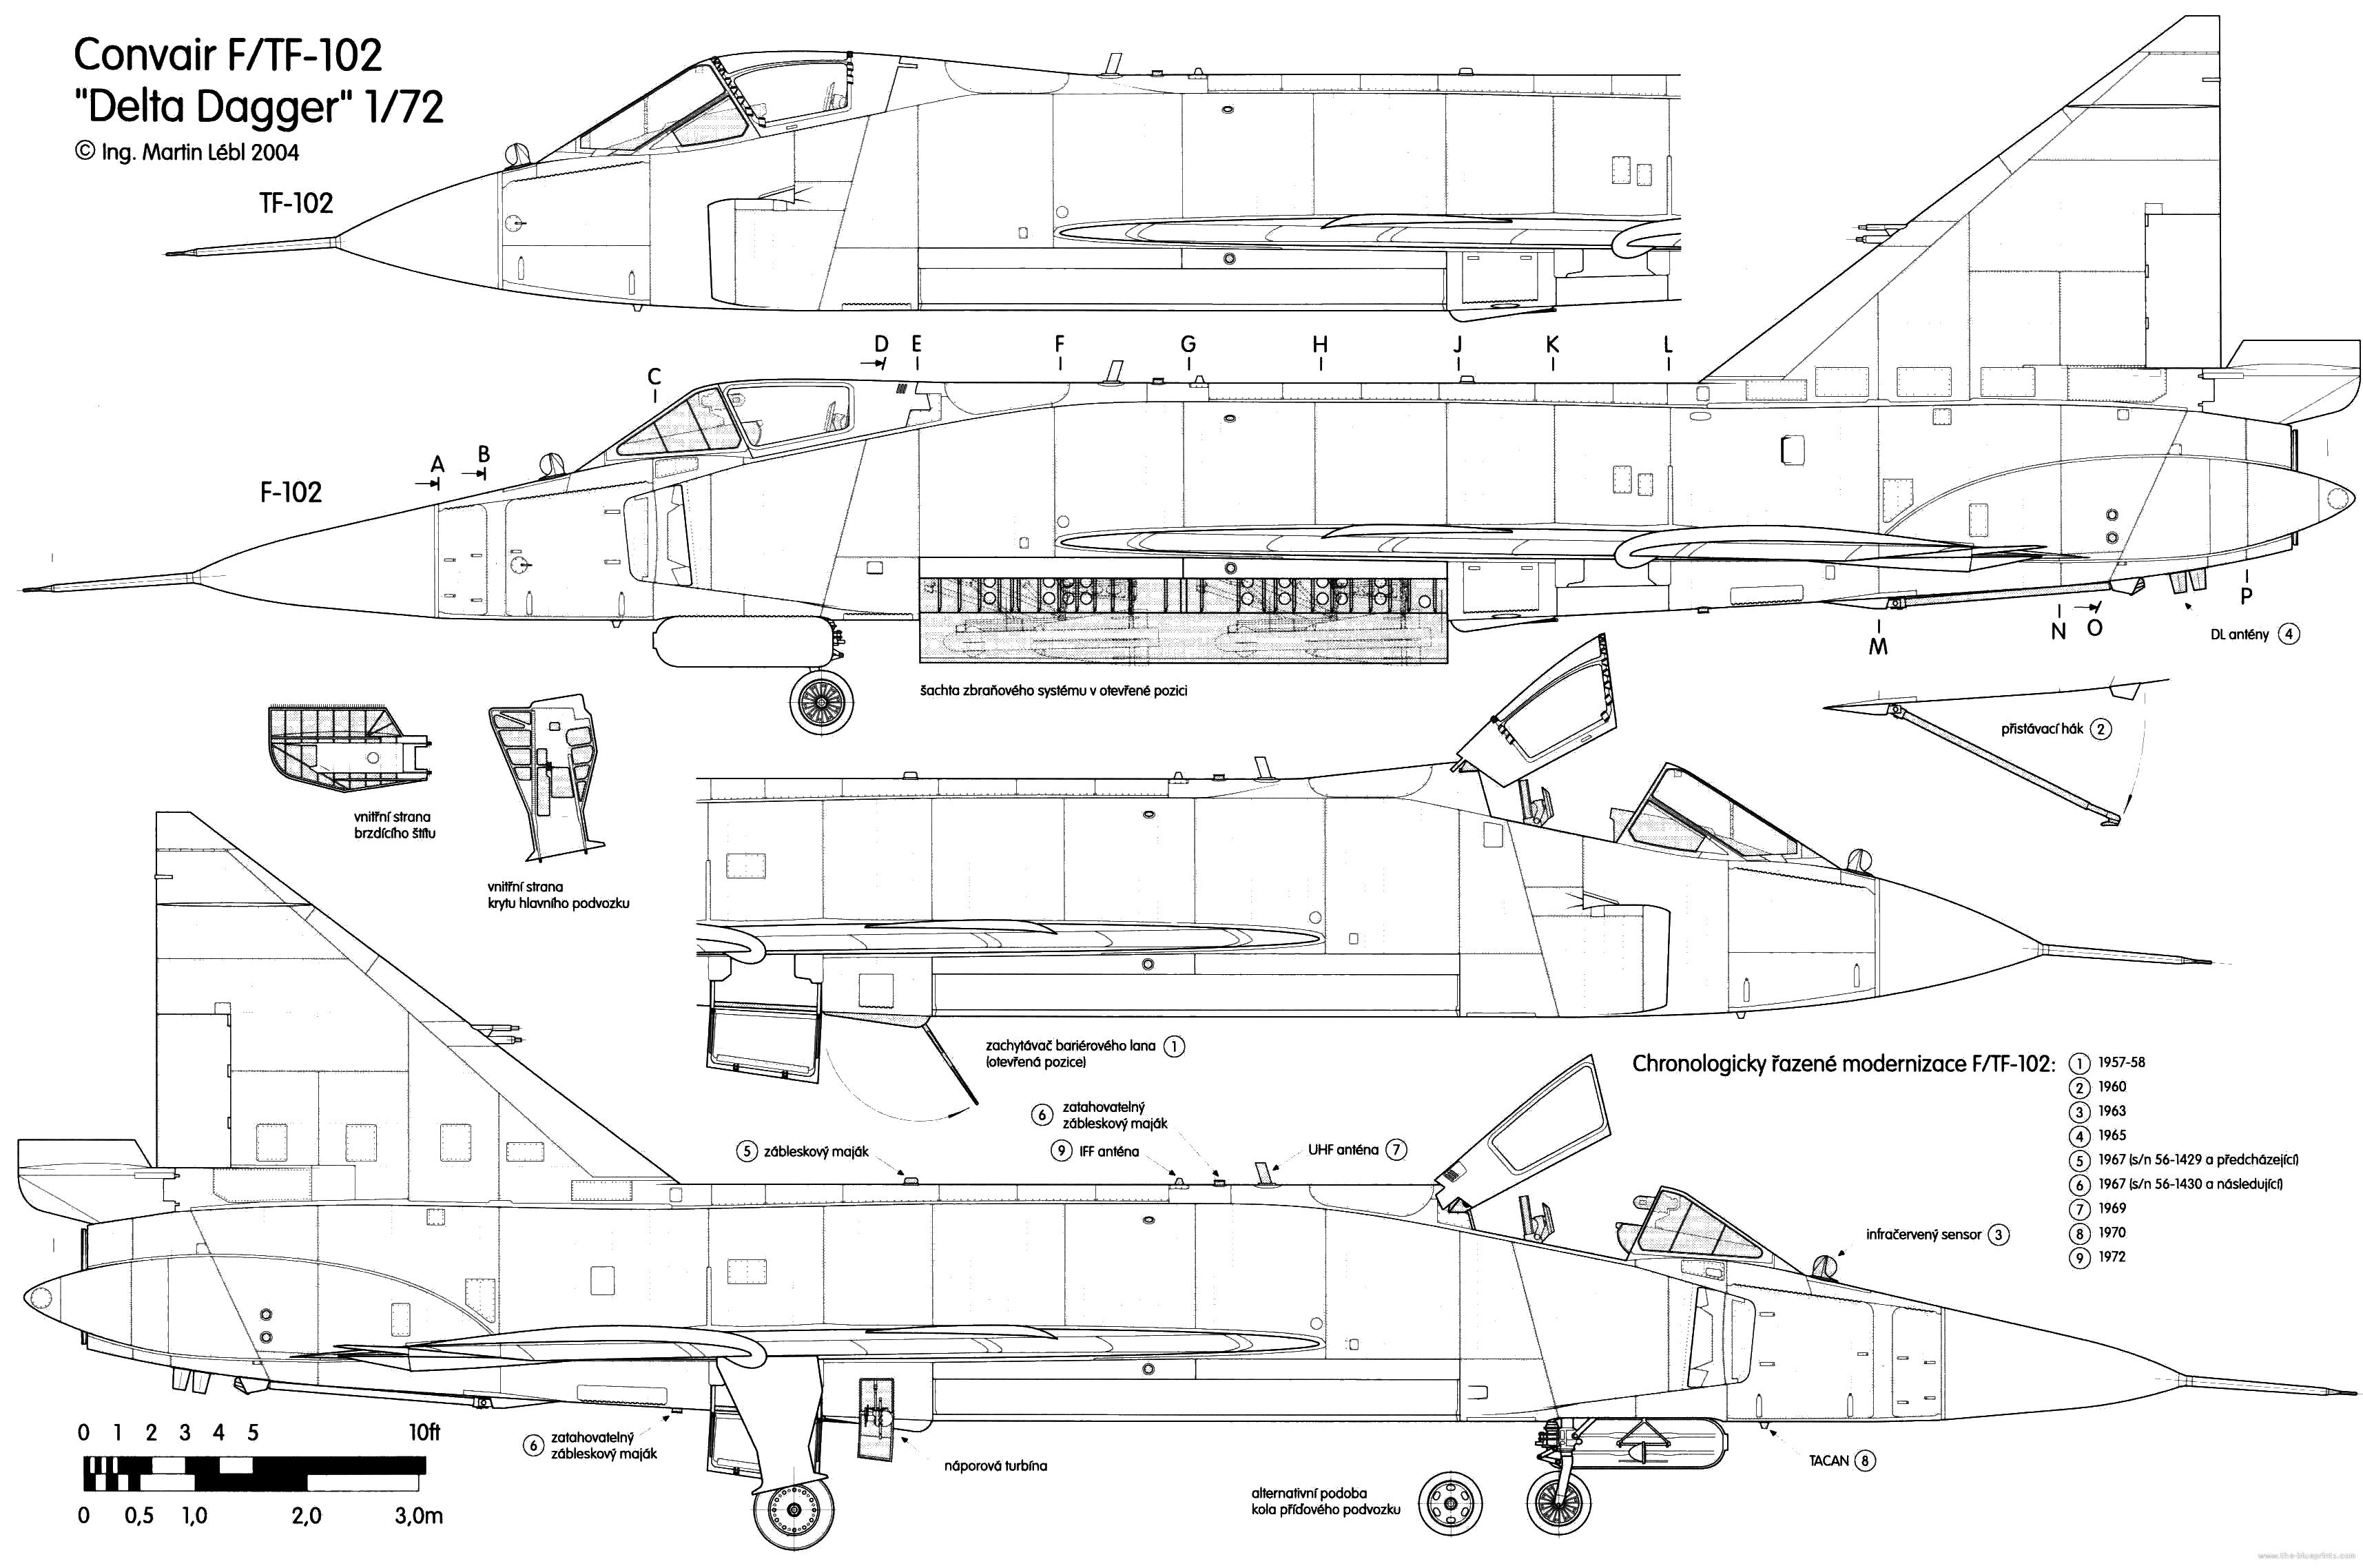 Convair F-102 Delta Dagger blueprint